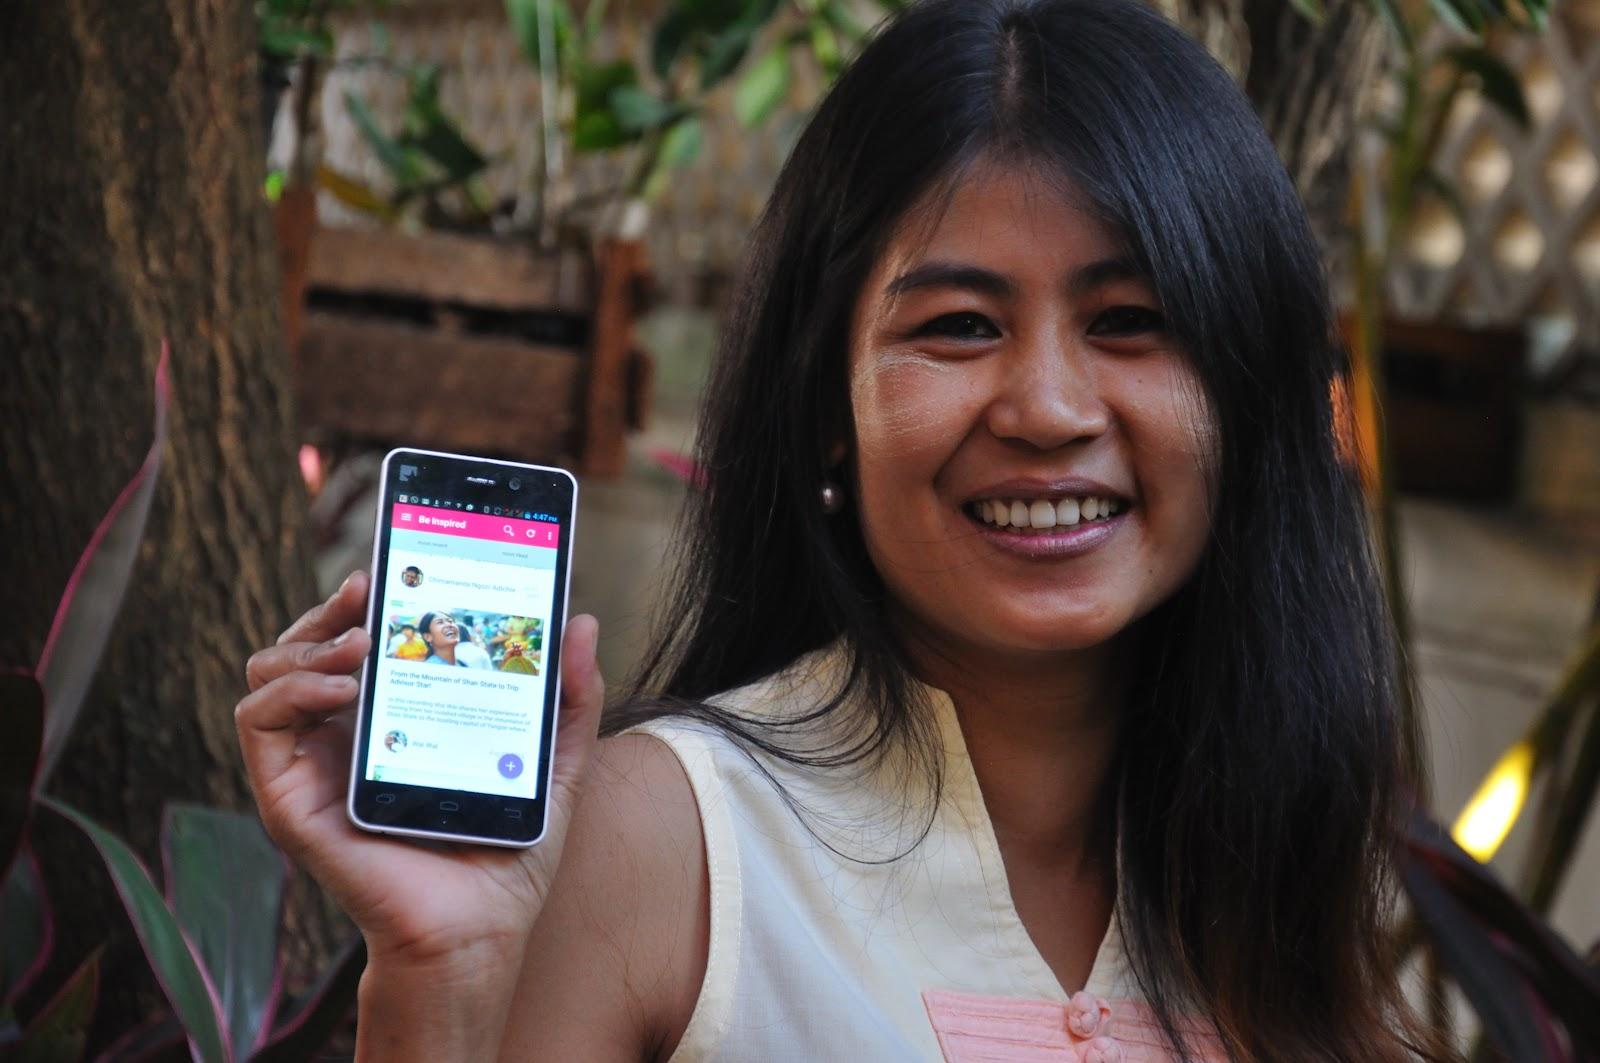 Myanmar_user1.JPG